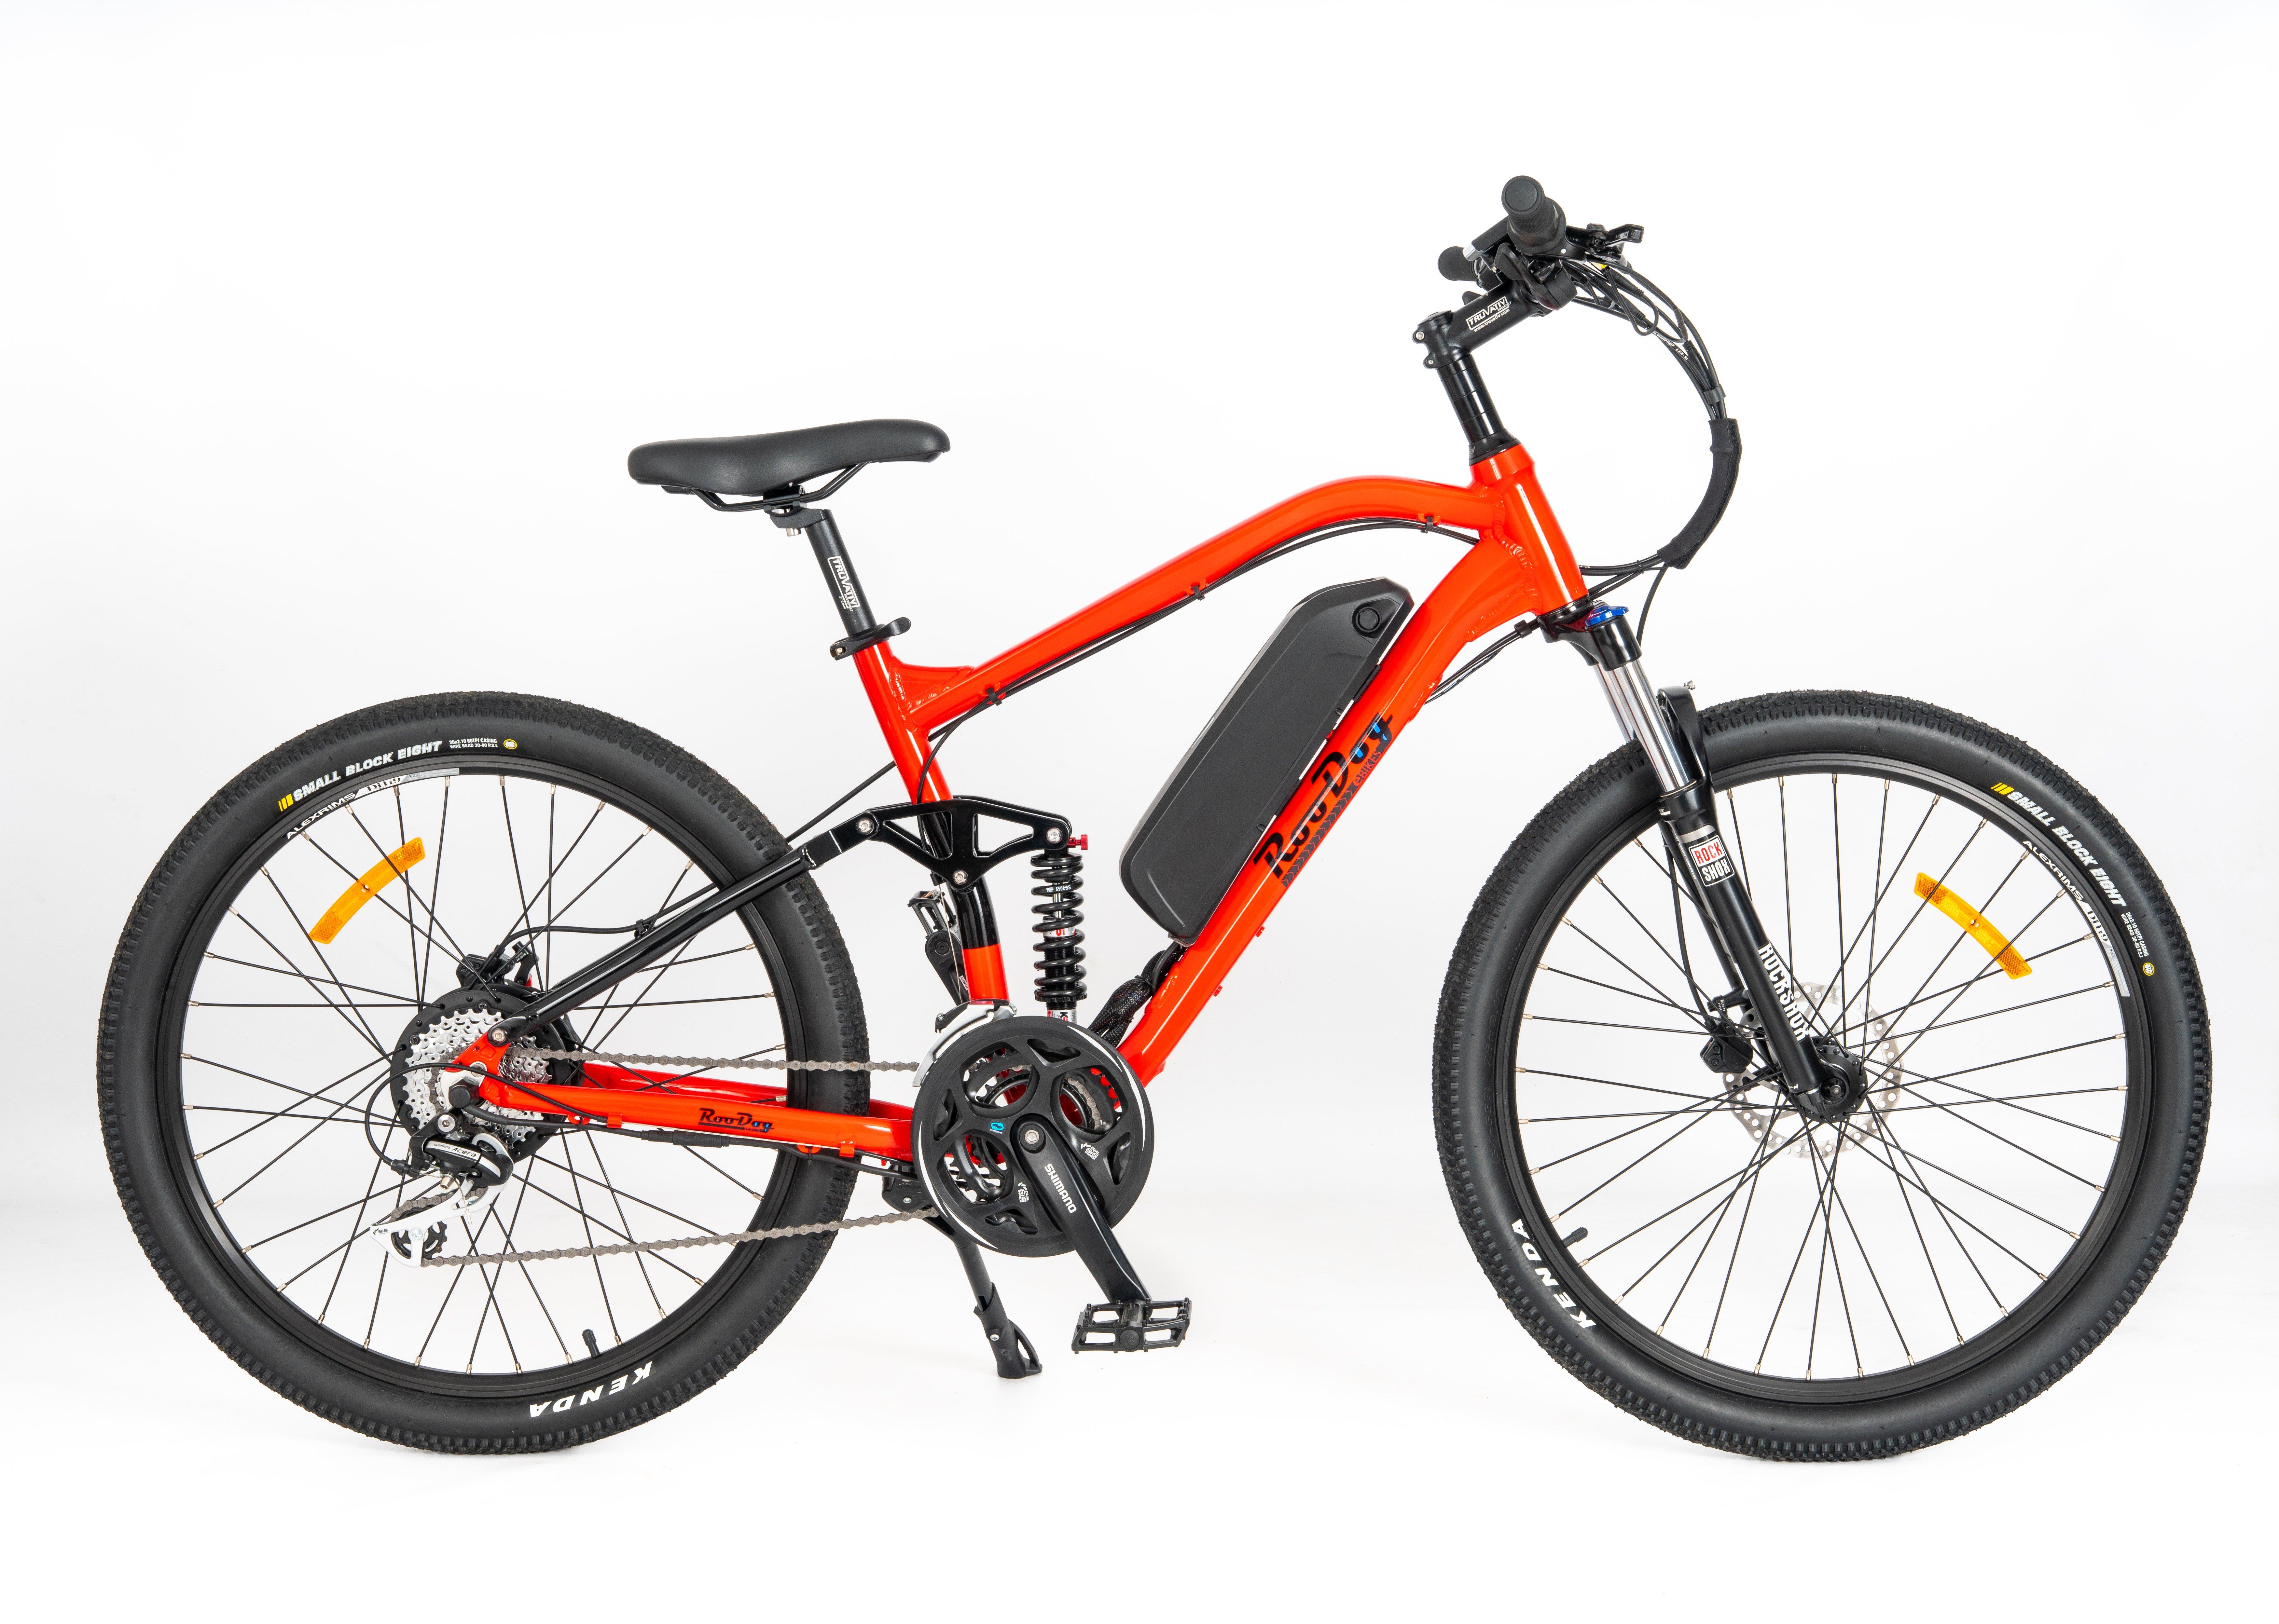 Striker 2018 electric bike